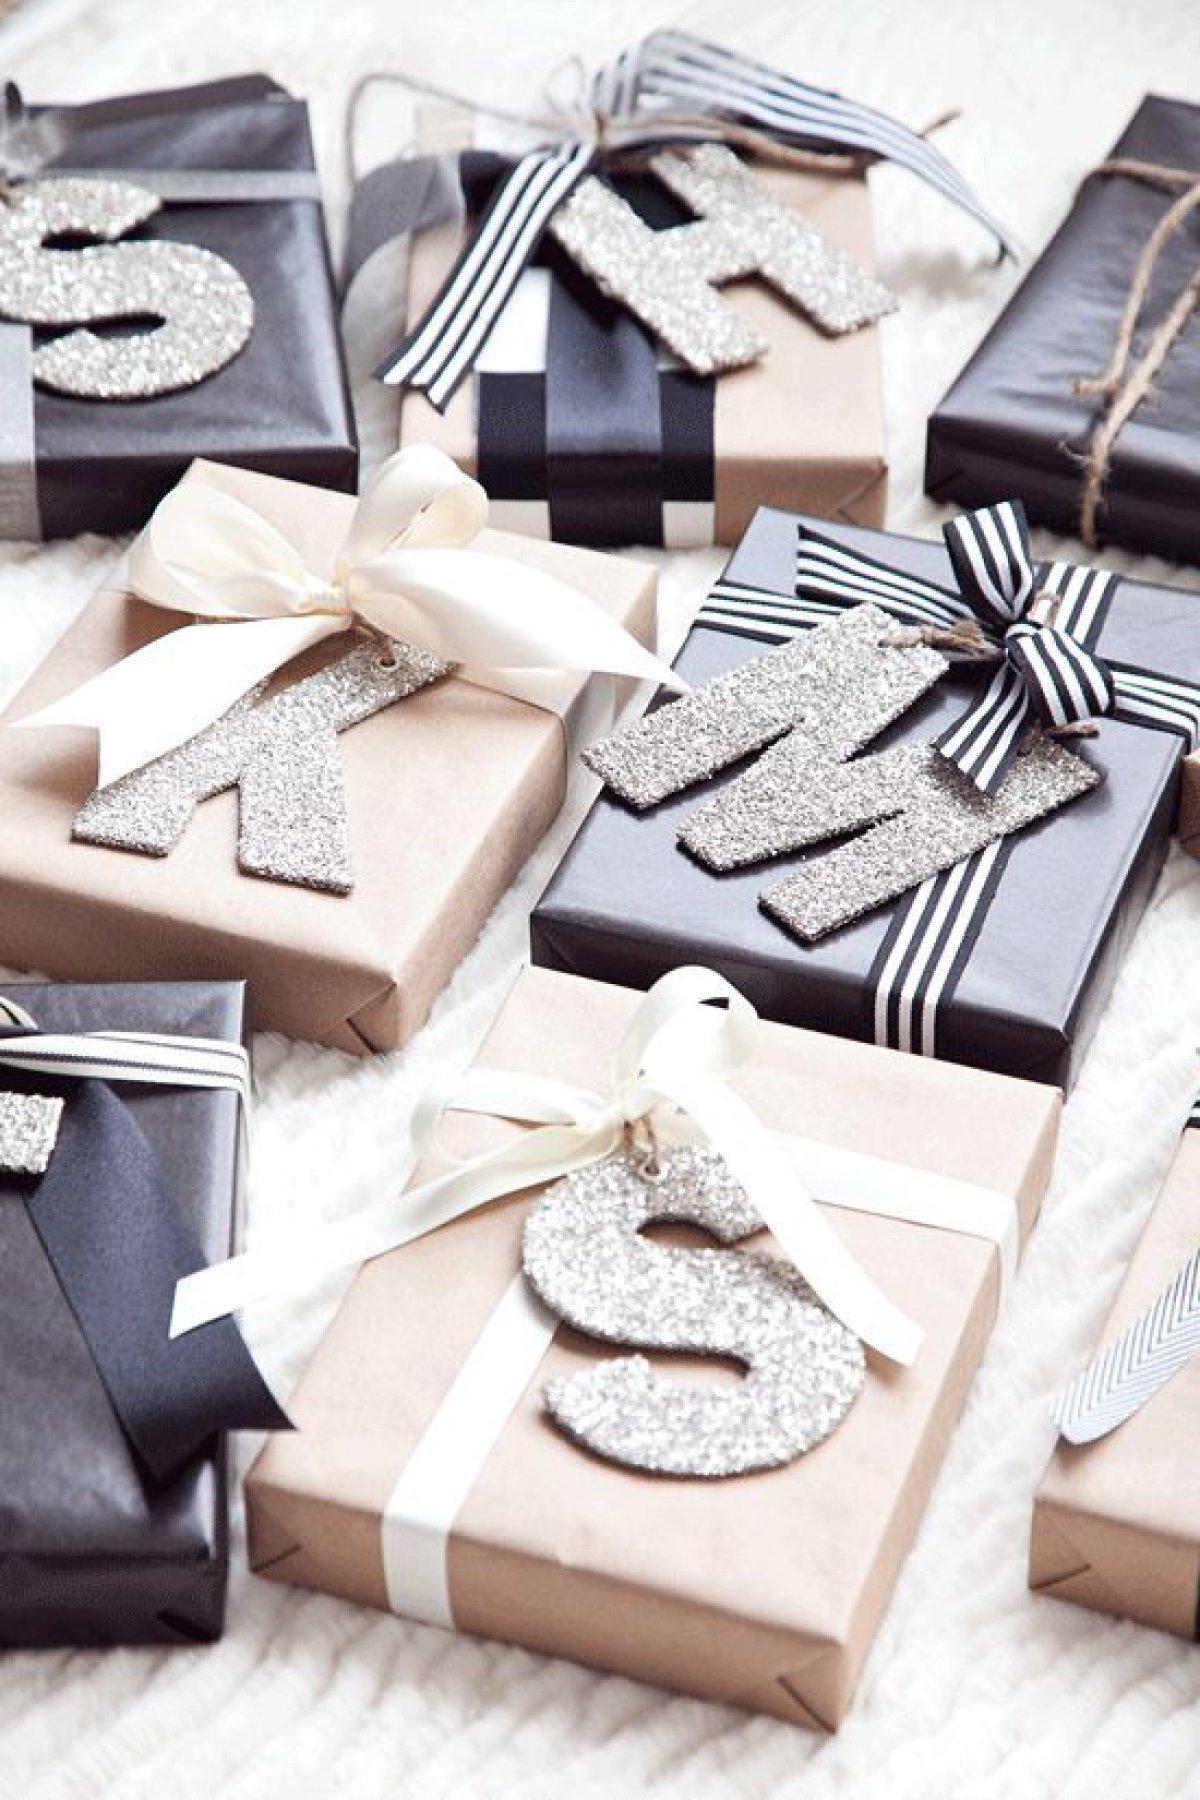 Emballage cadeau personnalisé avec des lettres étincelantes.